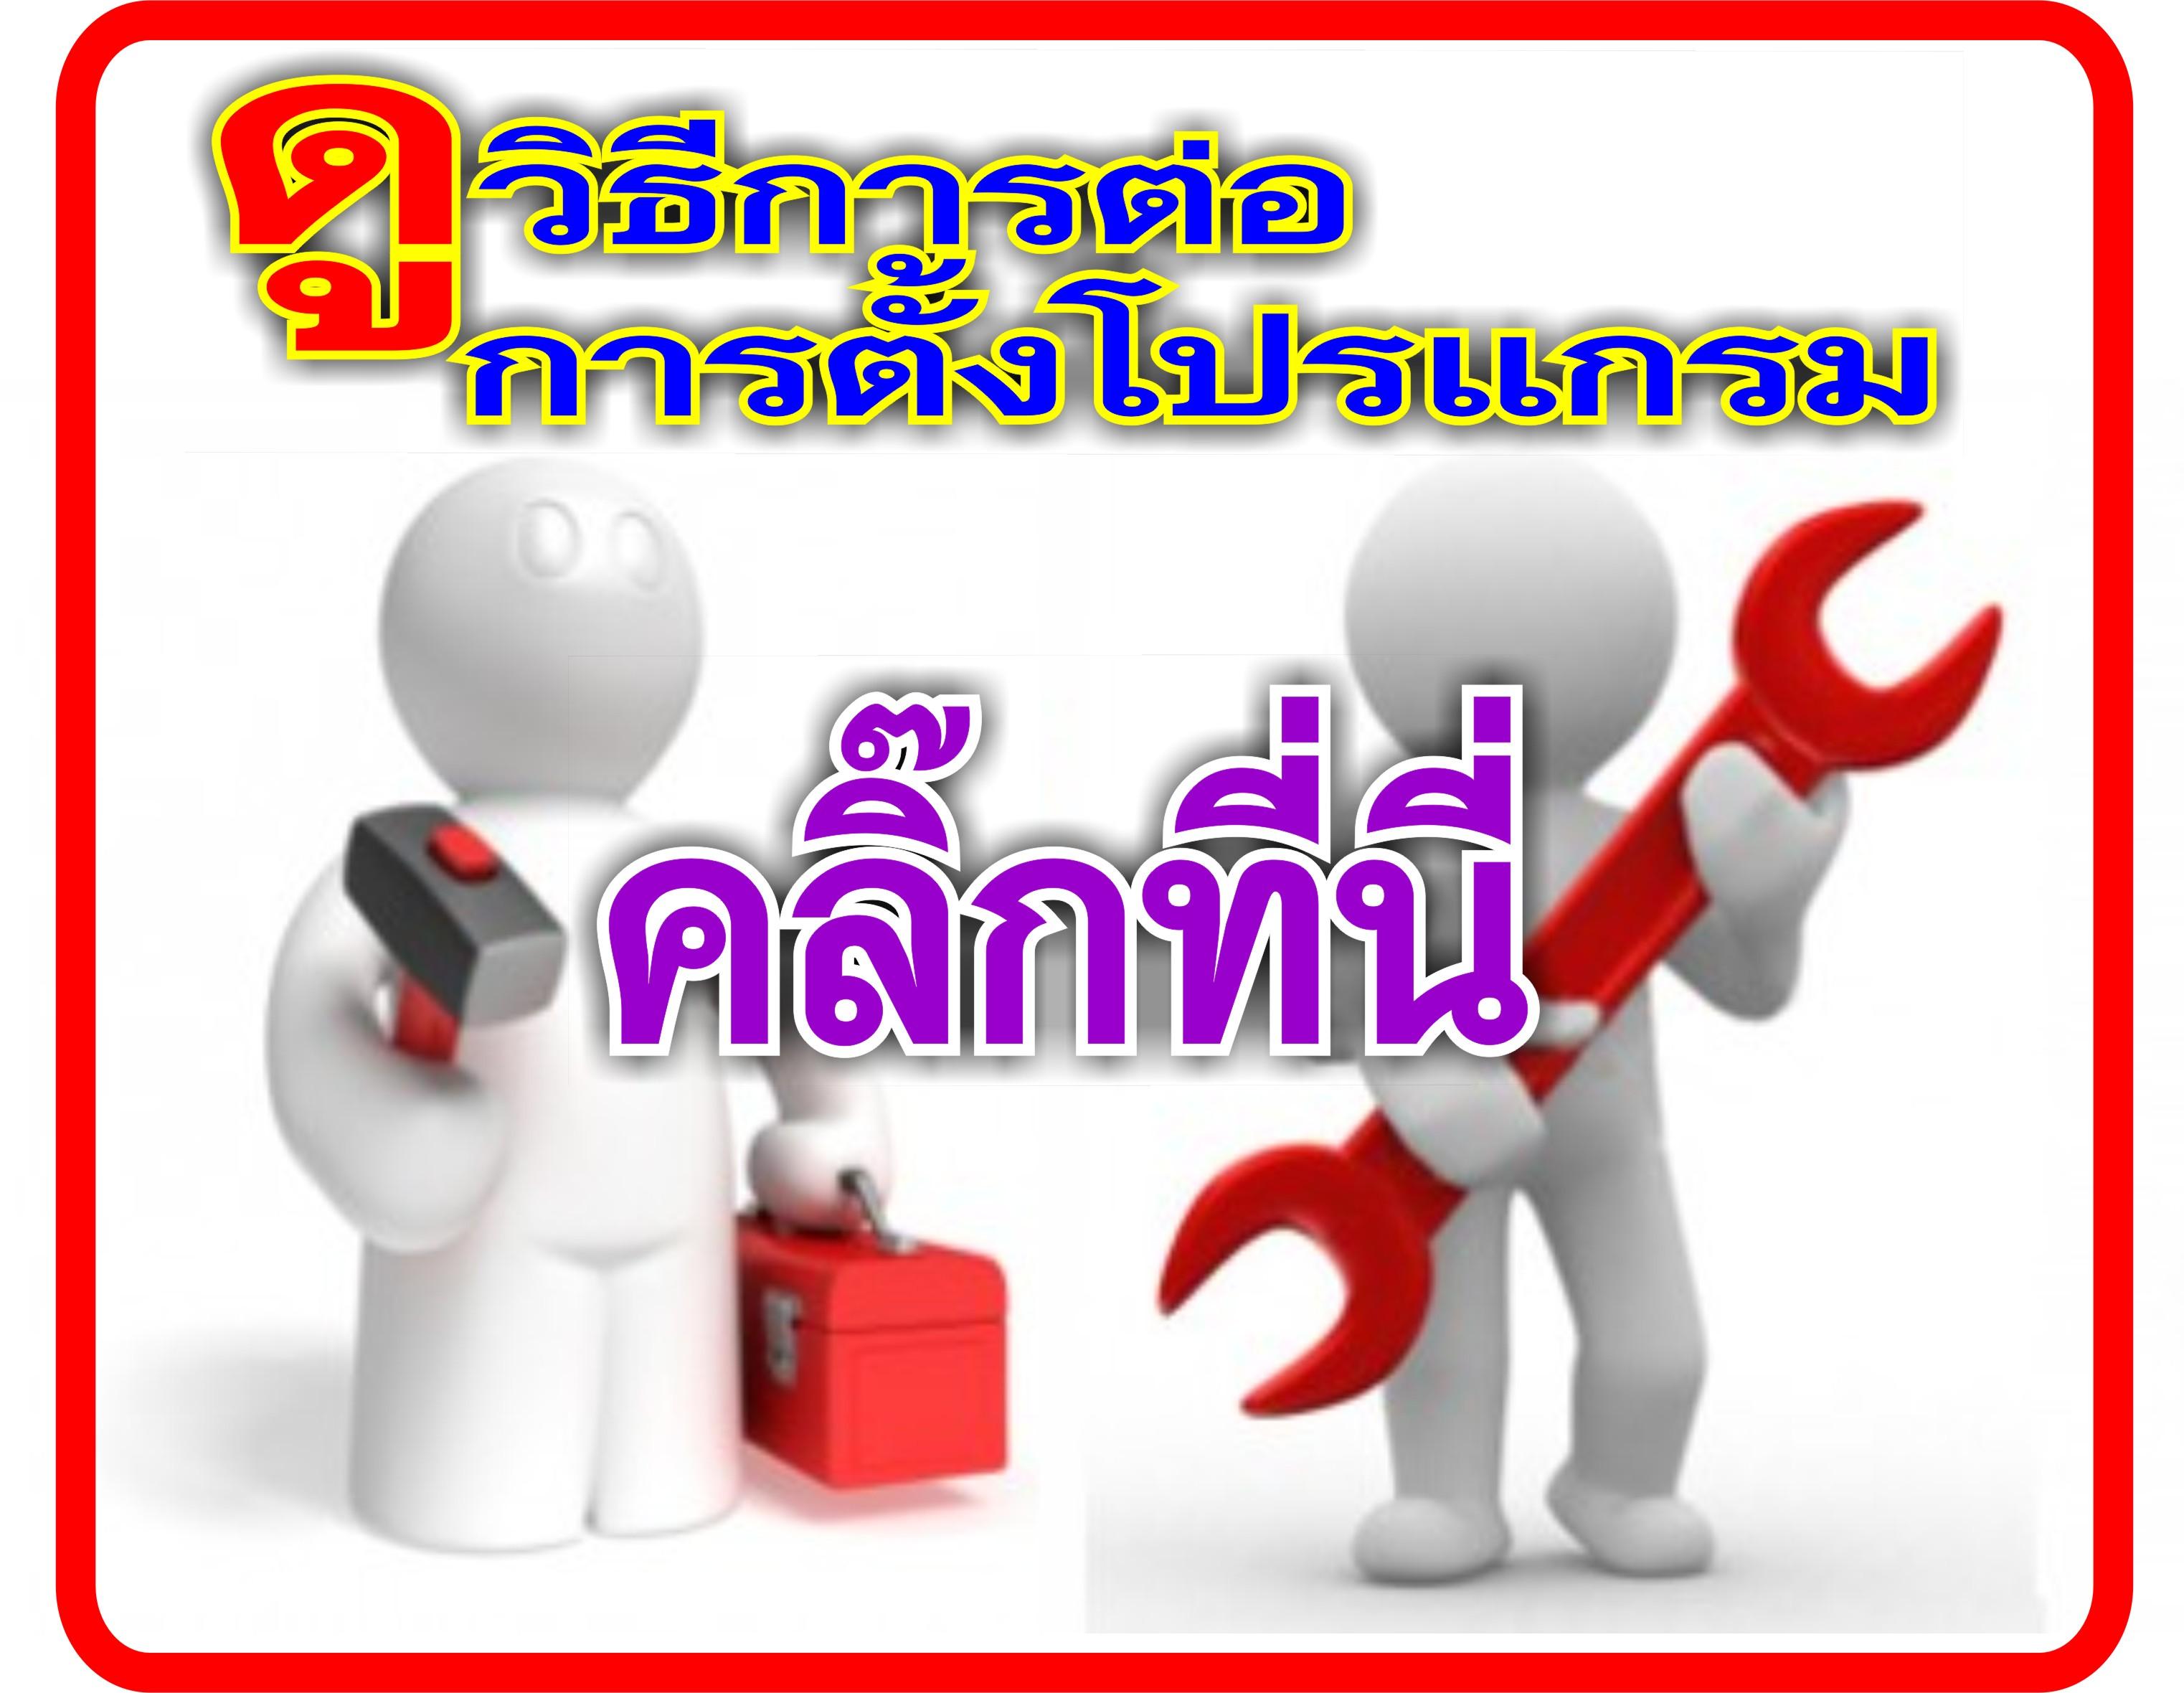 www.tecnickrantaw.lnwshop.com